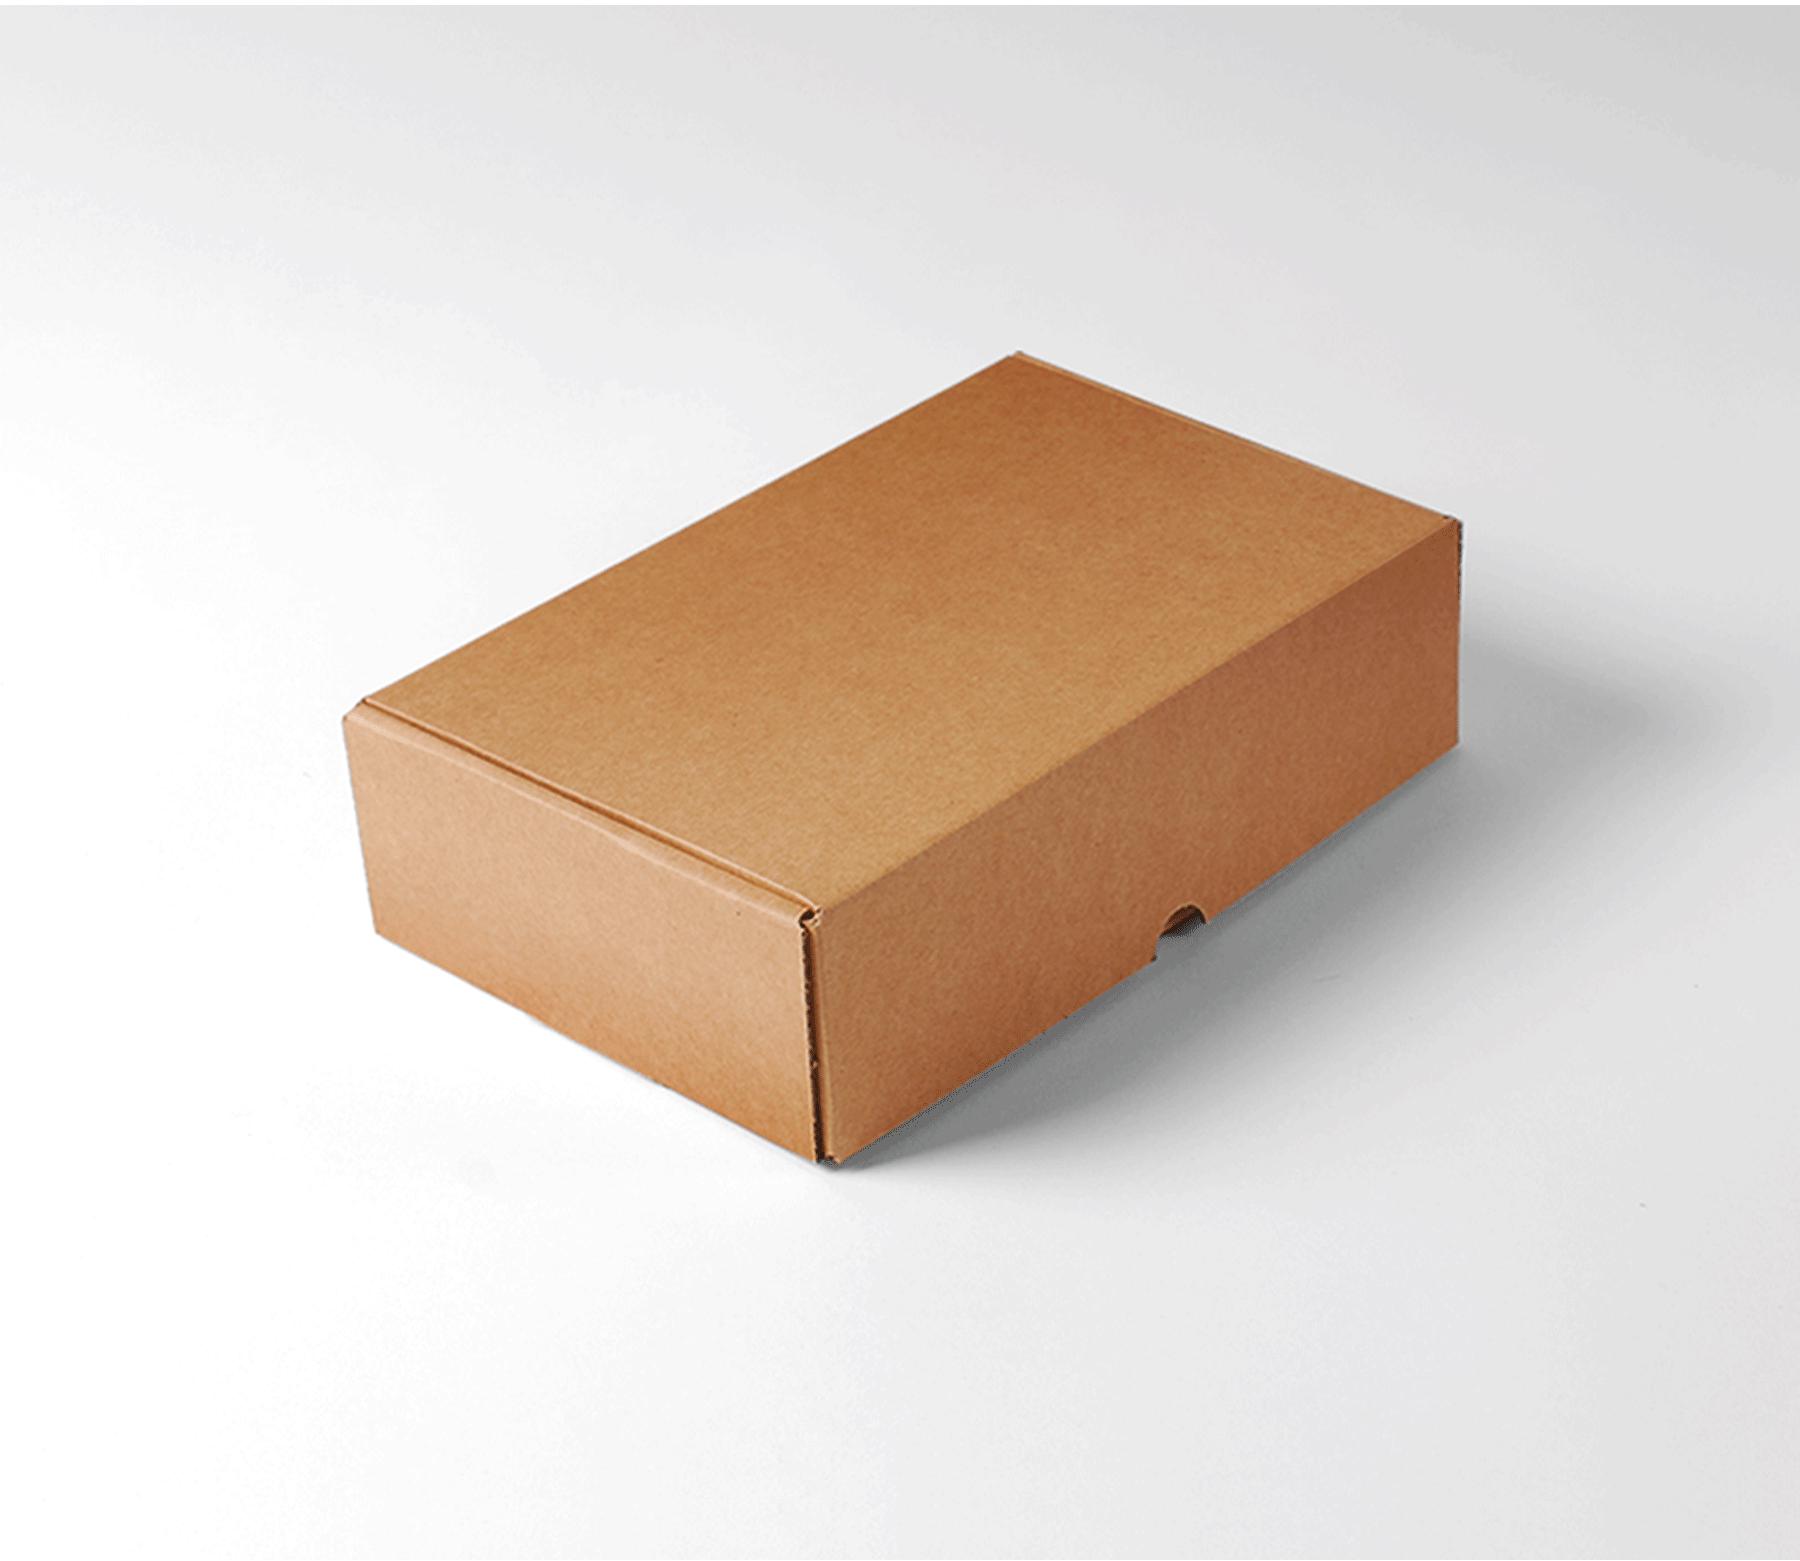 Cajas de carton madrid cajas carton fantasia y virutas - Caja de arquitectos madrid ...